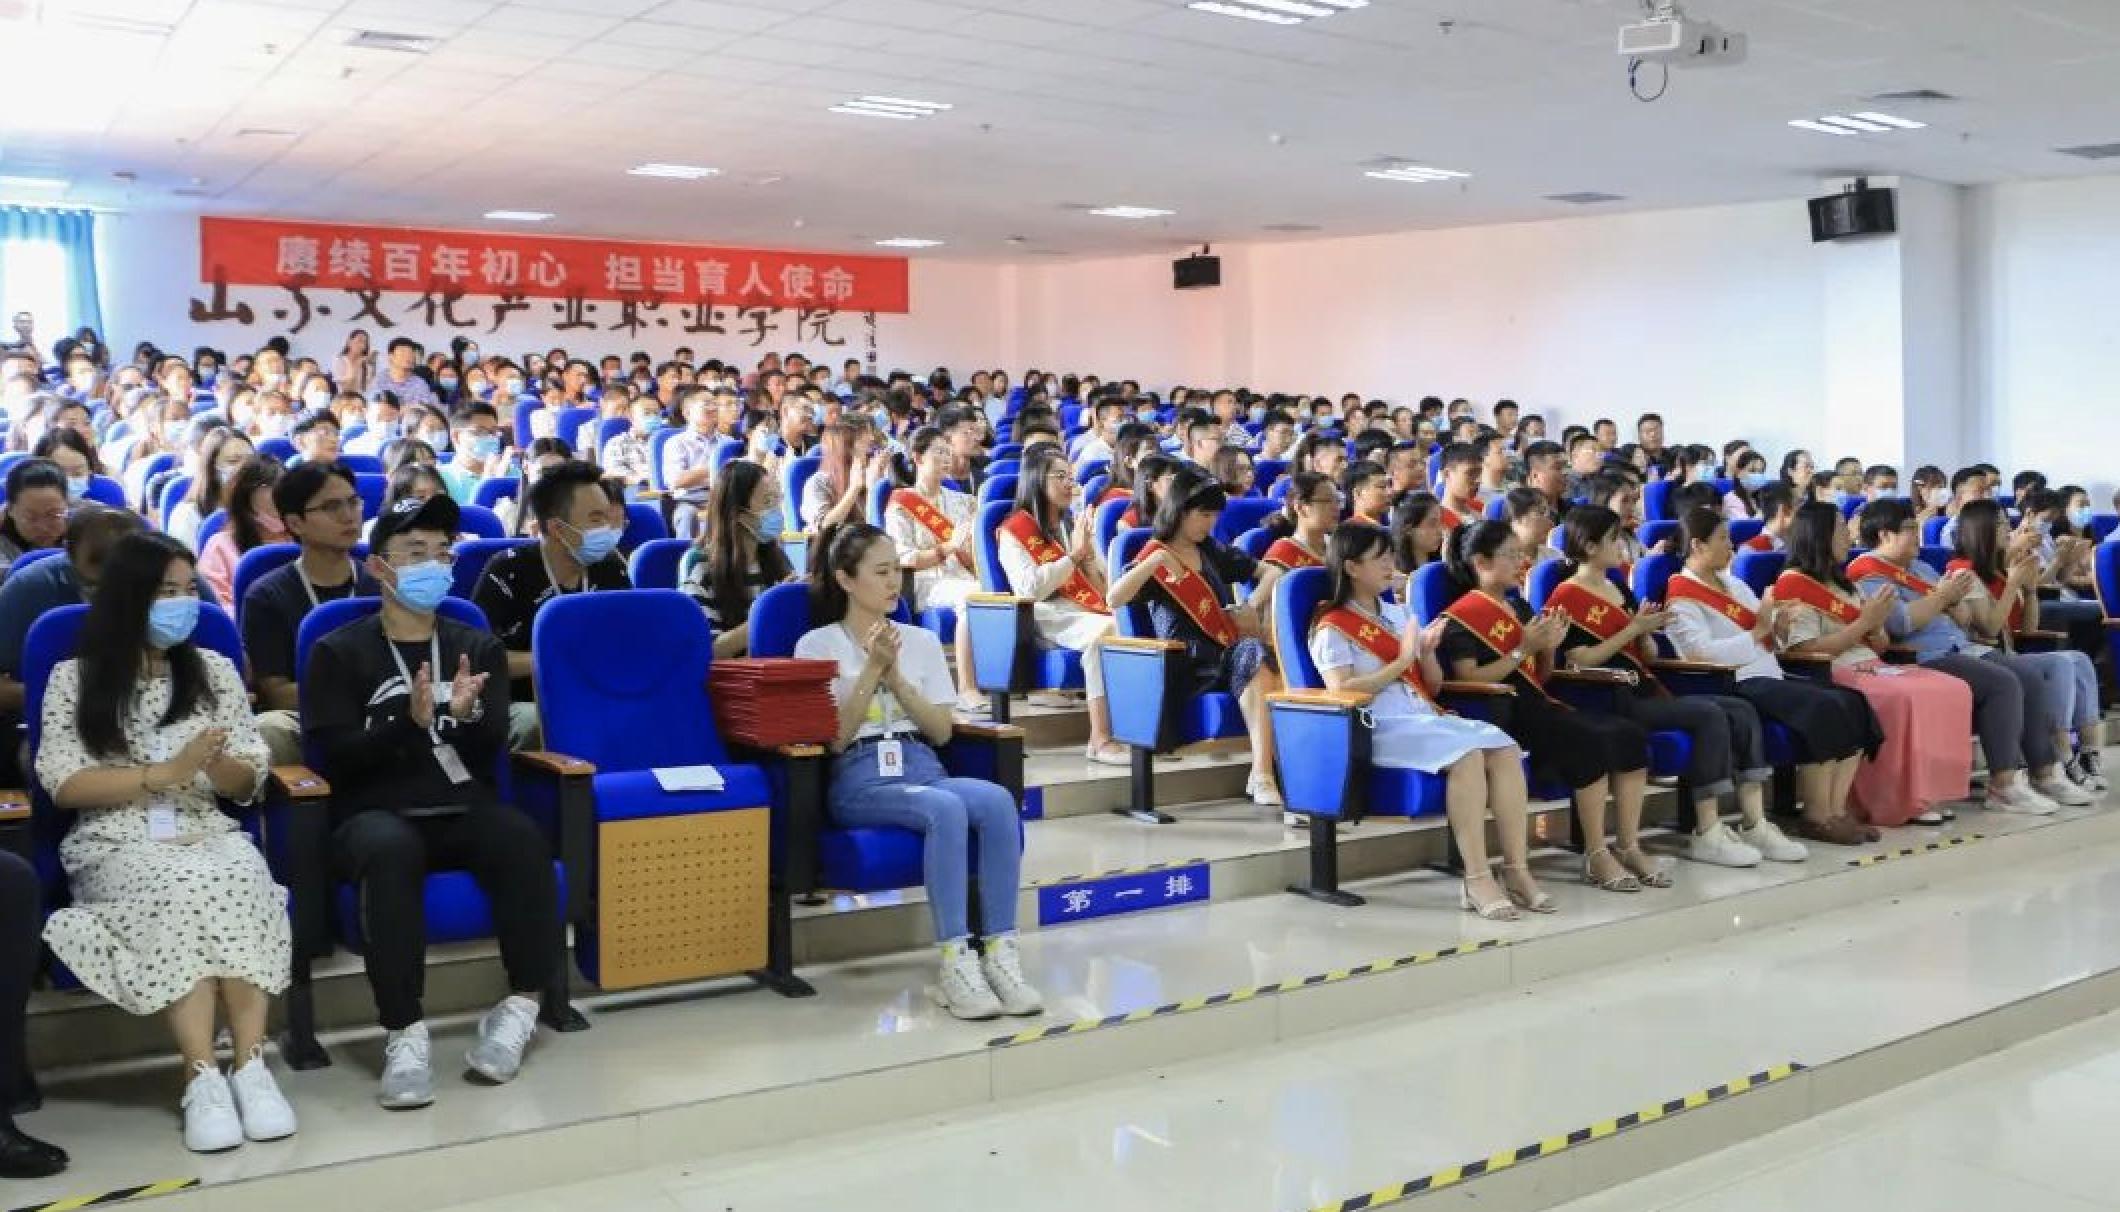 感谢奋斗的你!山东文化产业职业学院举行教师节表彰大会